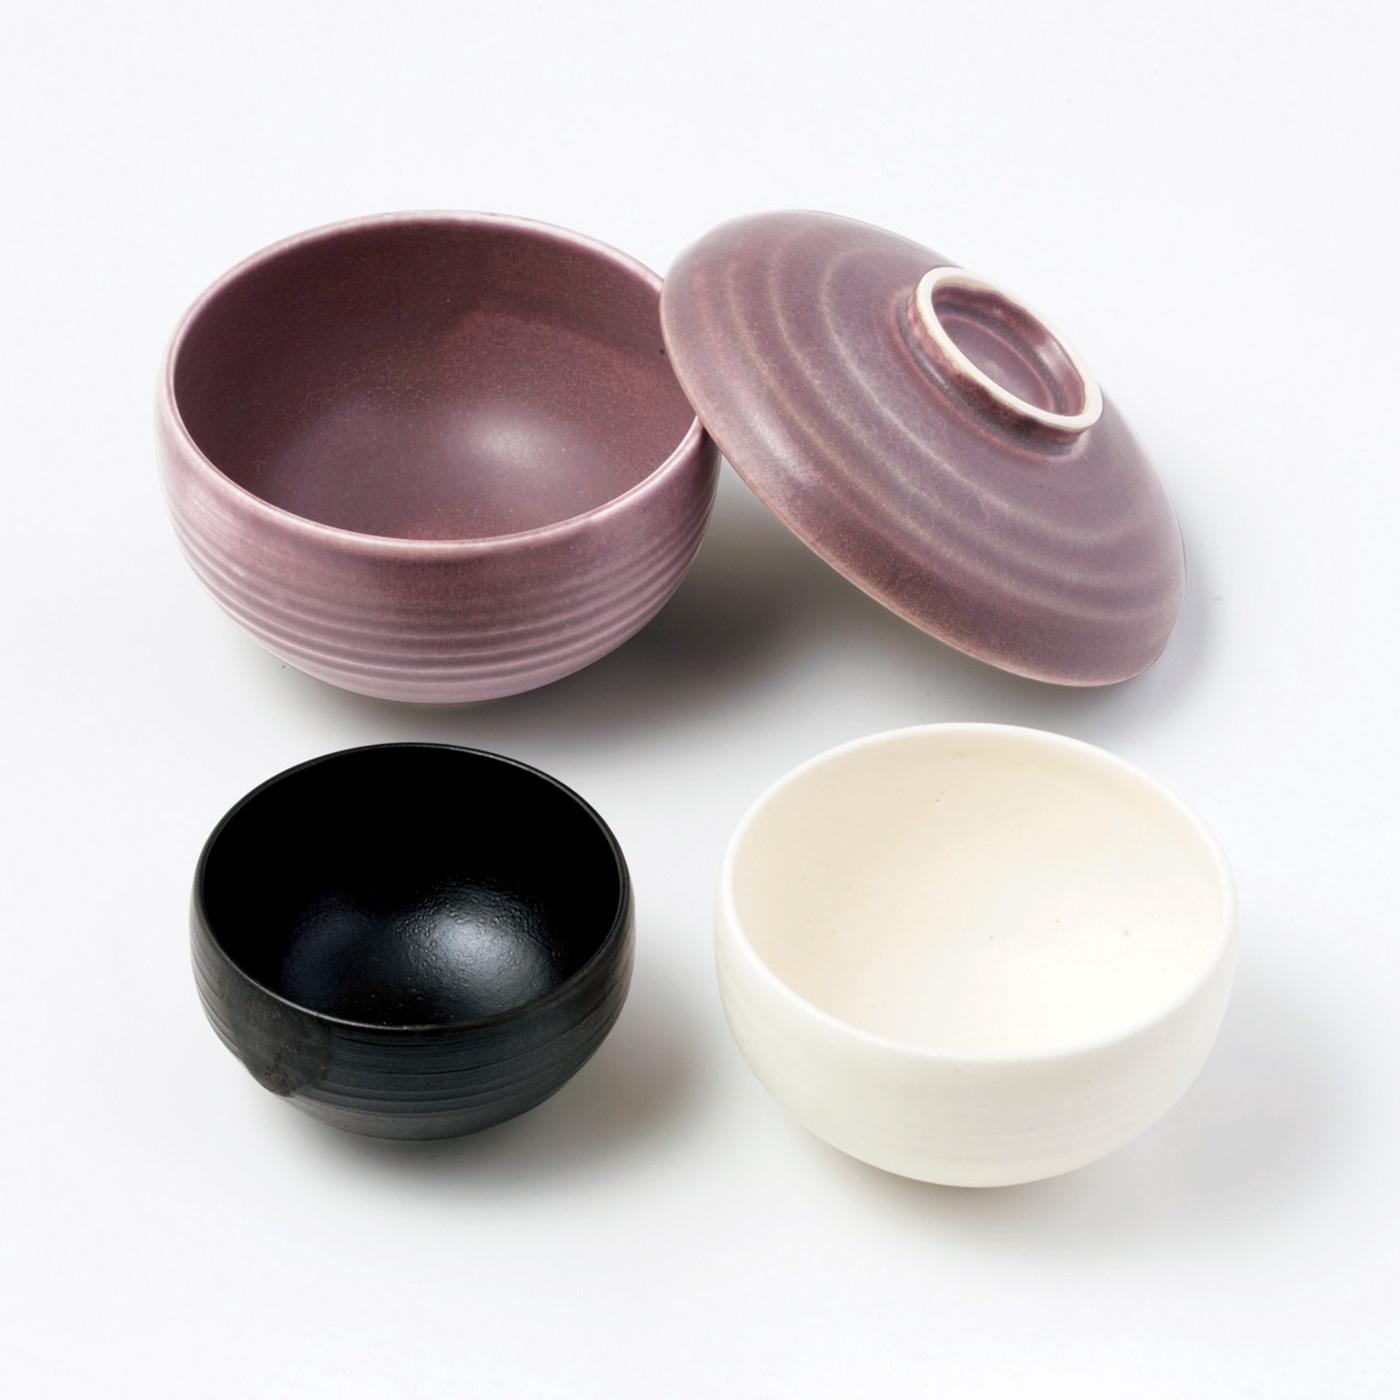 【1回のお届けセット例】大碗・中碗・小碗・ふた兼用小皿の4個セットでお届けします。